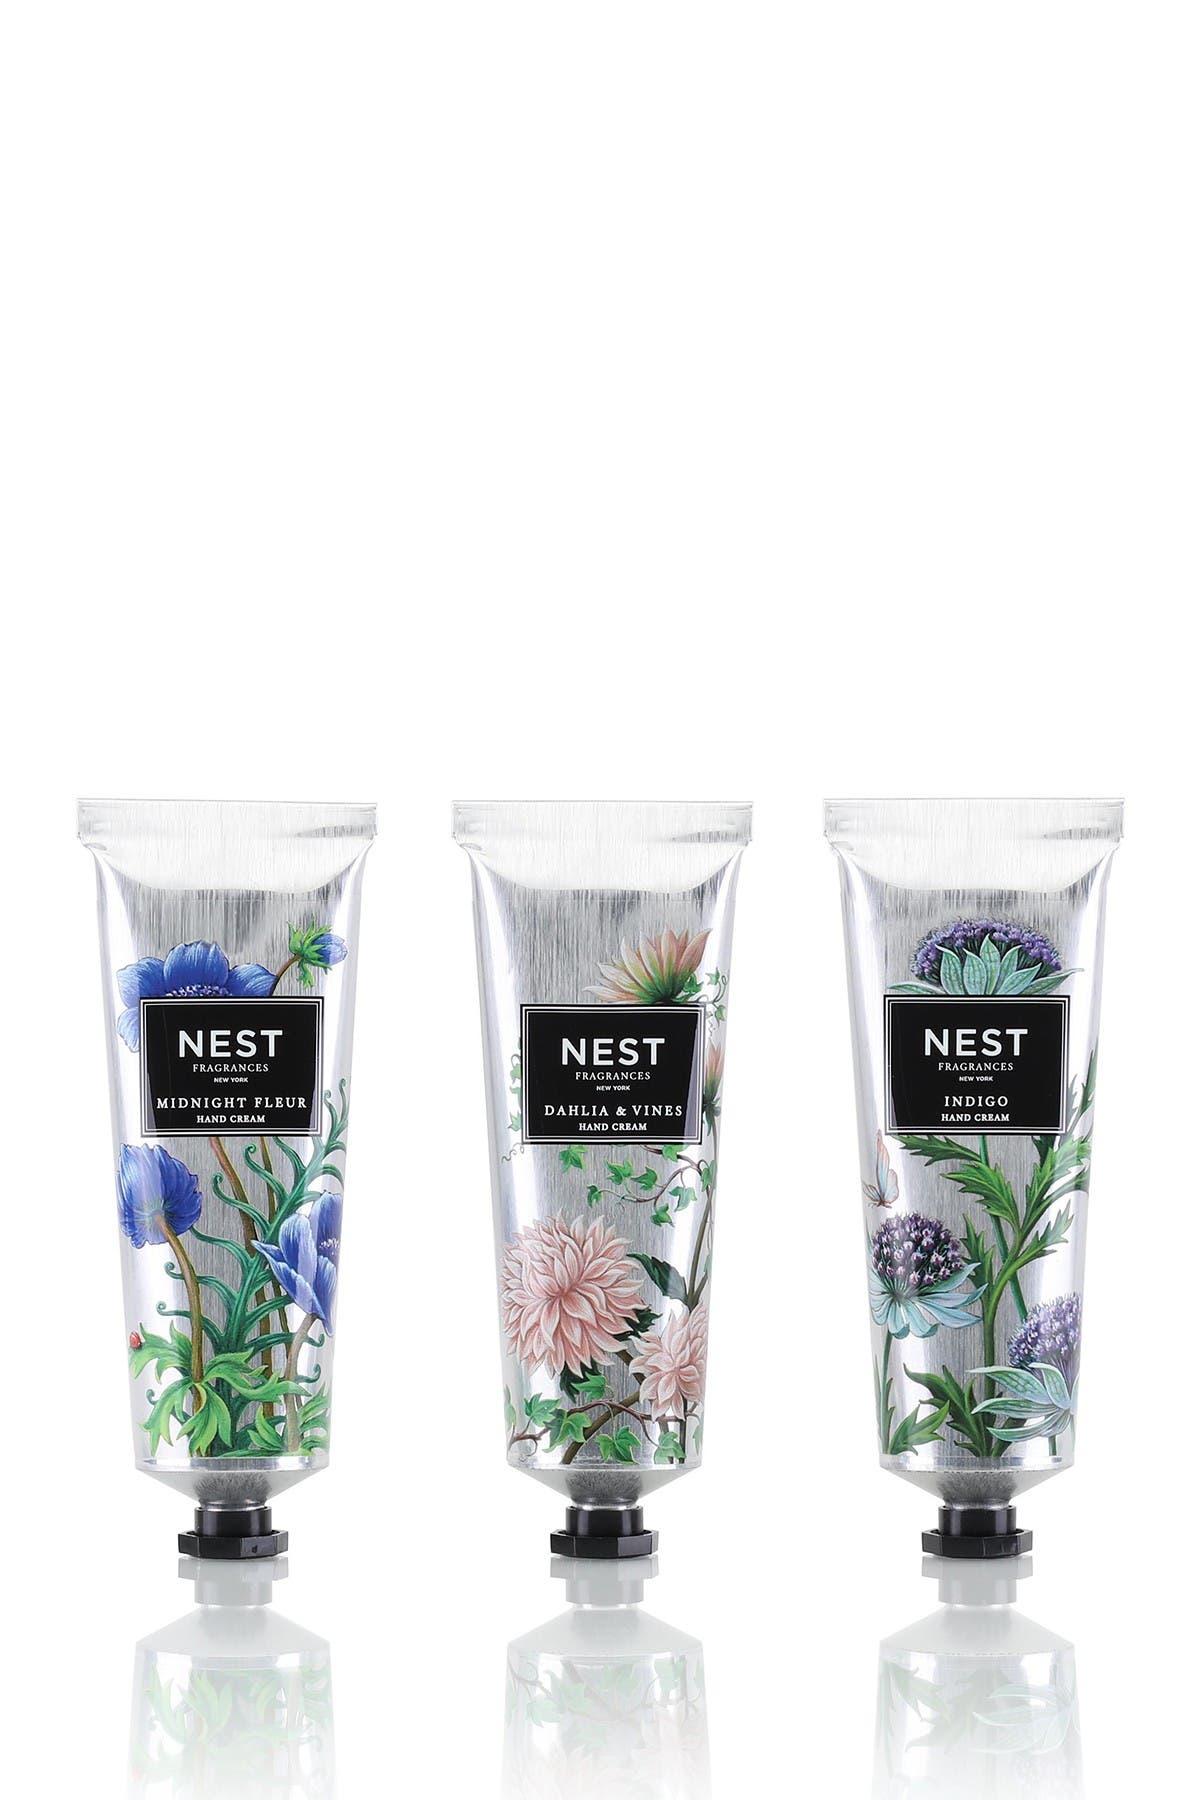 Image of NEST Fragrances Hand Cream Discovery Set - Midnight Fleur, Indigo, Dahlia & Vines